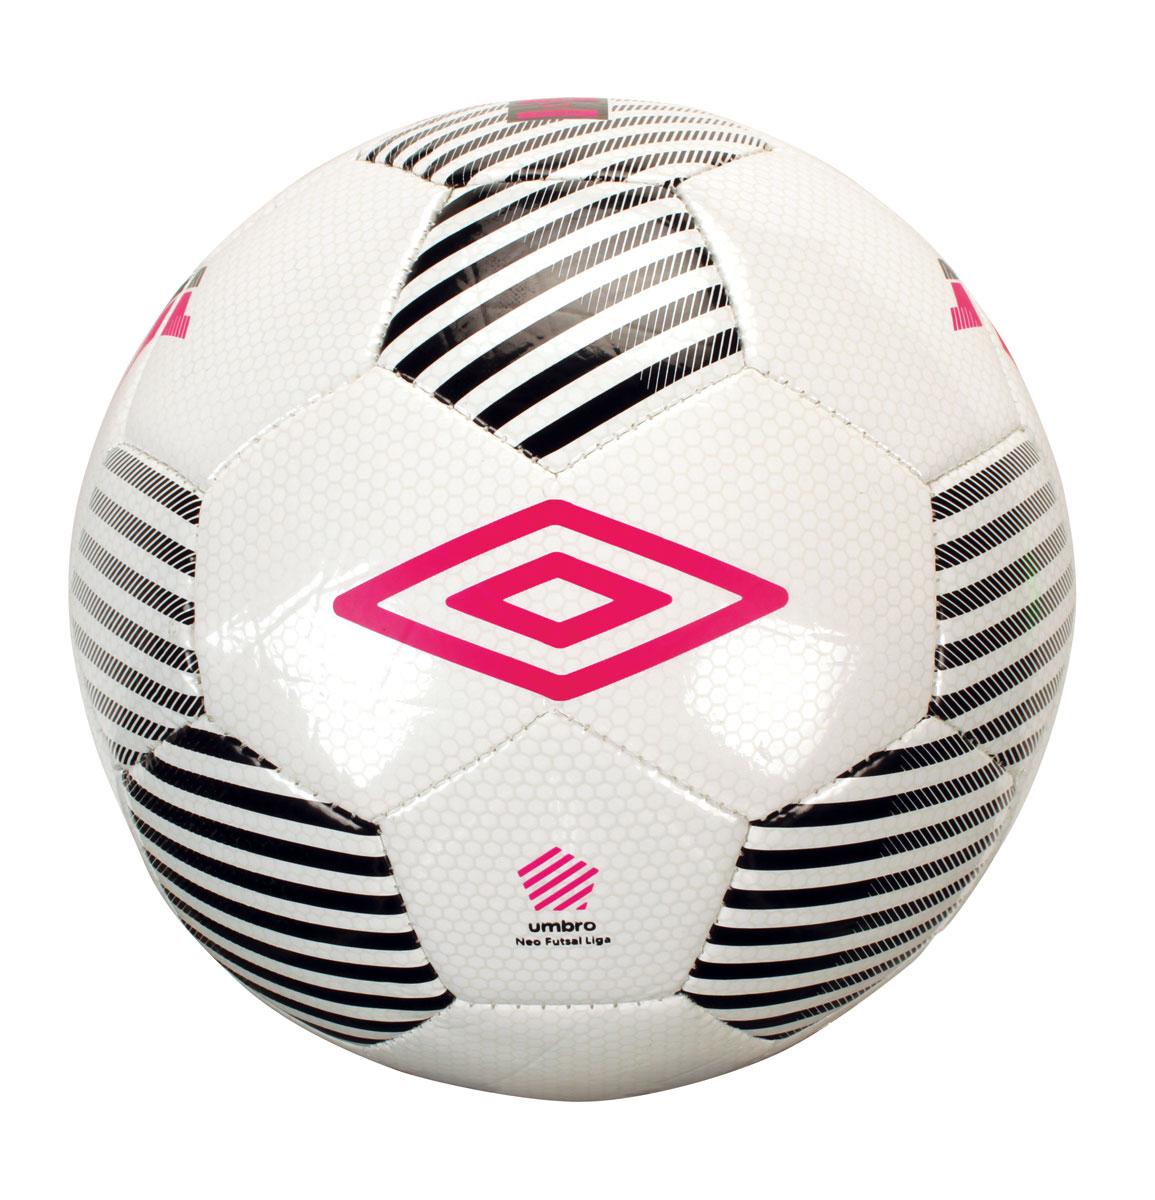 Мяч минифутбольный Umbro Neo Futsal Liga, цвет: белый, черный, розовый. Размер 4. 20554U20554U